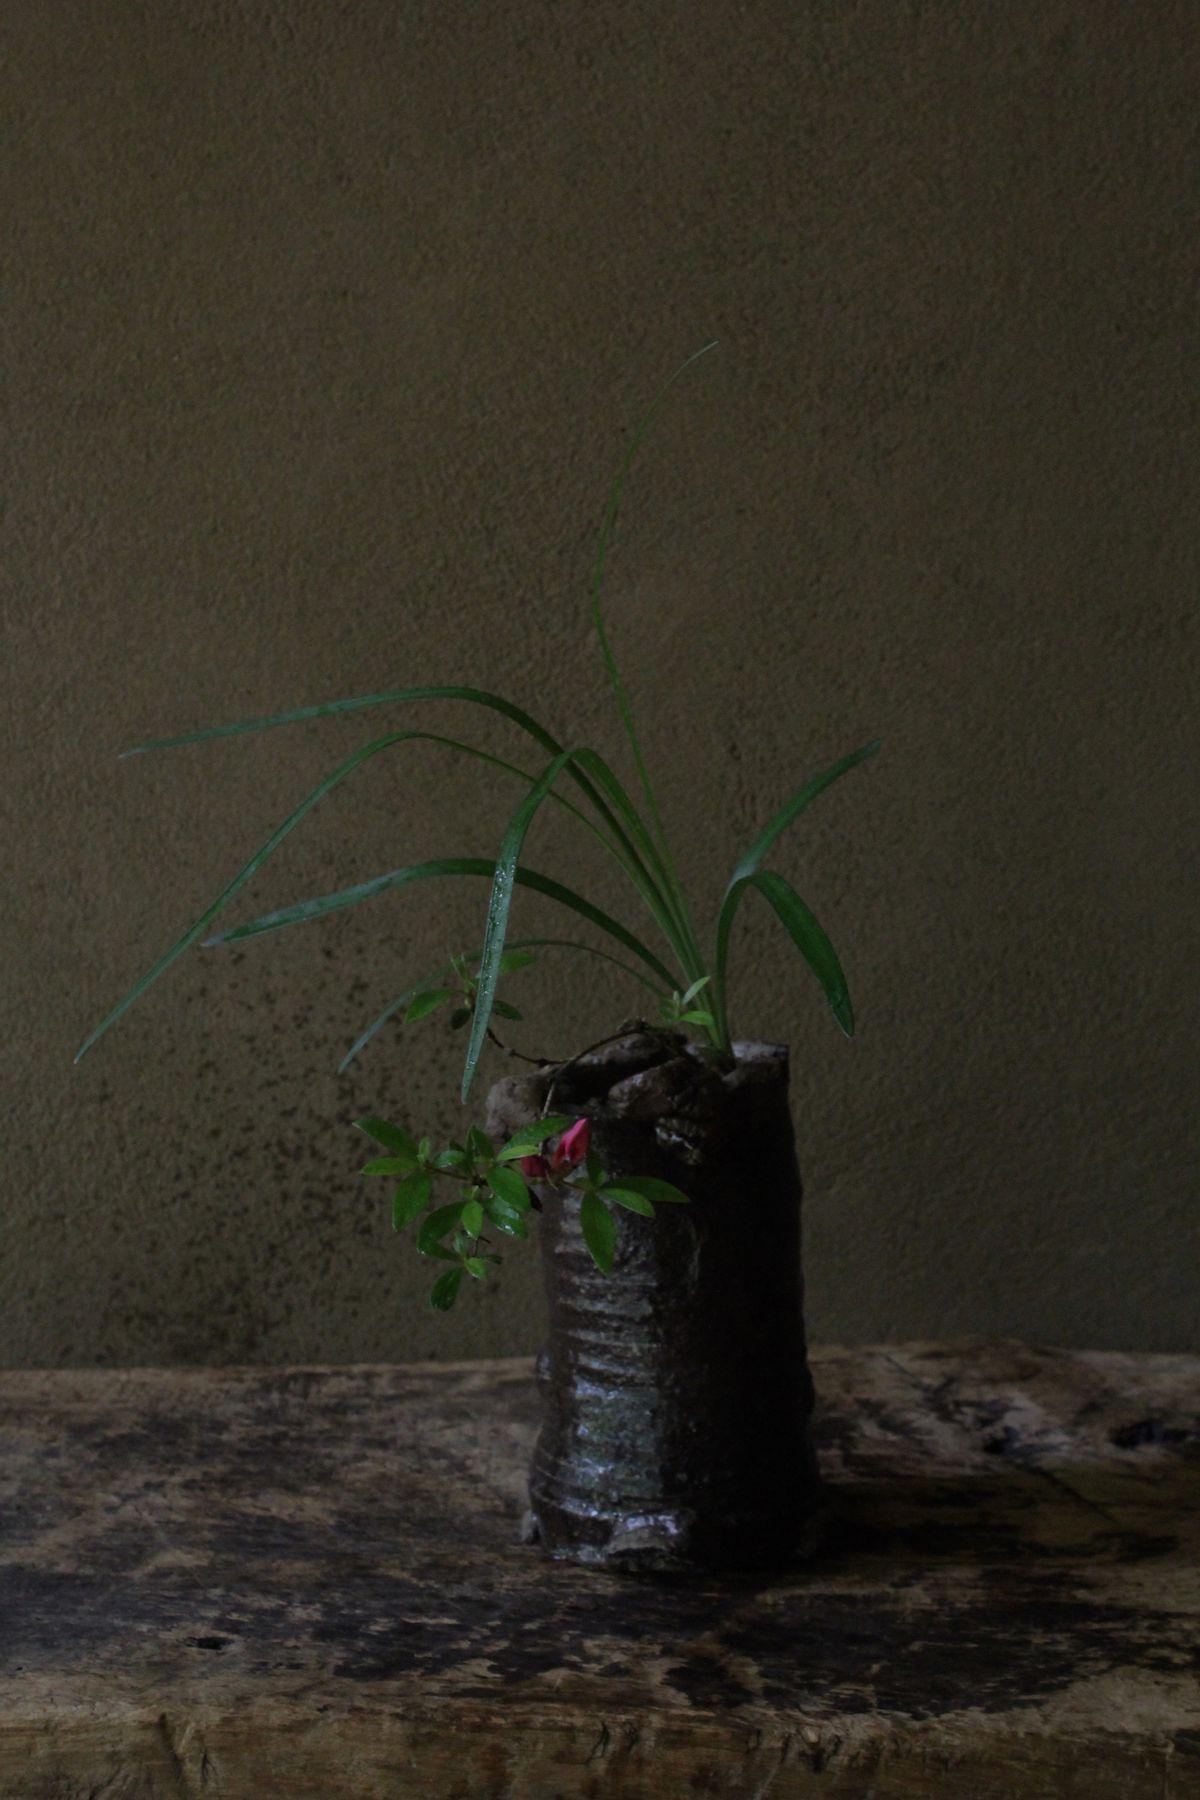 花人・坂村岳志の活ける生け花。静かでありながらも息づかいを感じる。自然の神秘がそこにある。